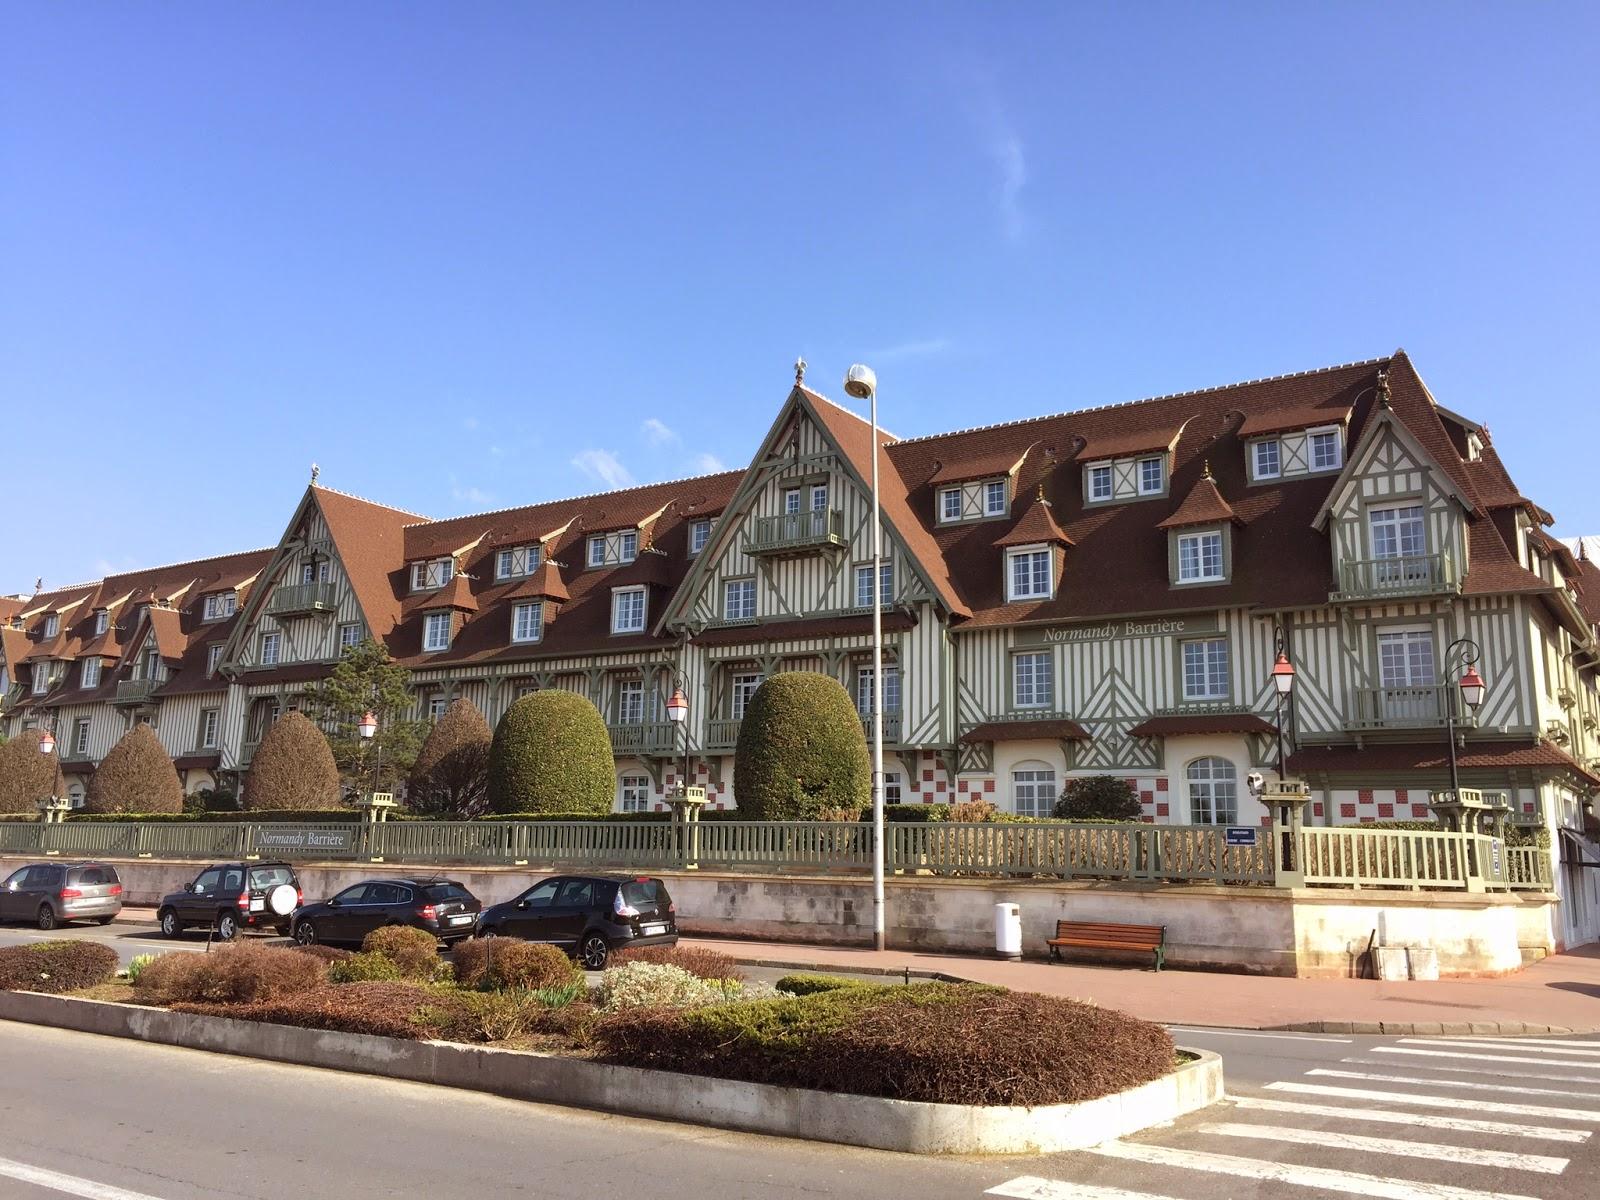 L 39 or e du bois deauville trouville - Office du tourisme de deauville trouville ...